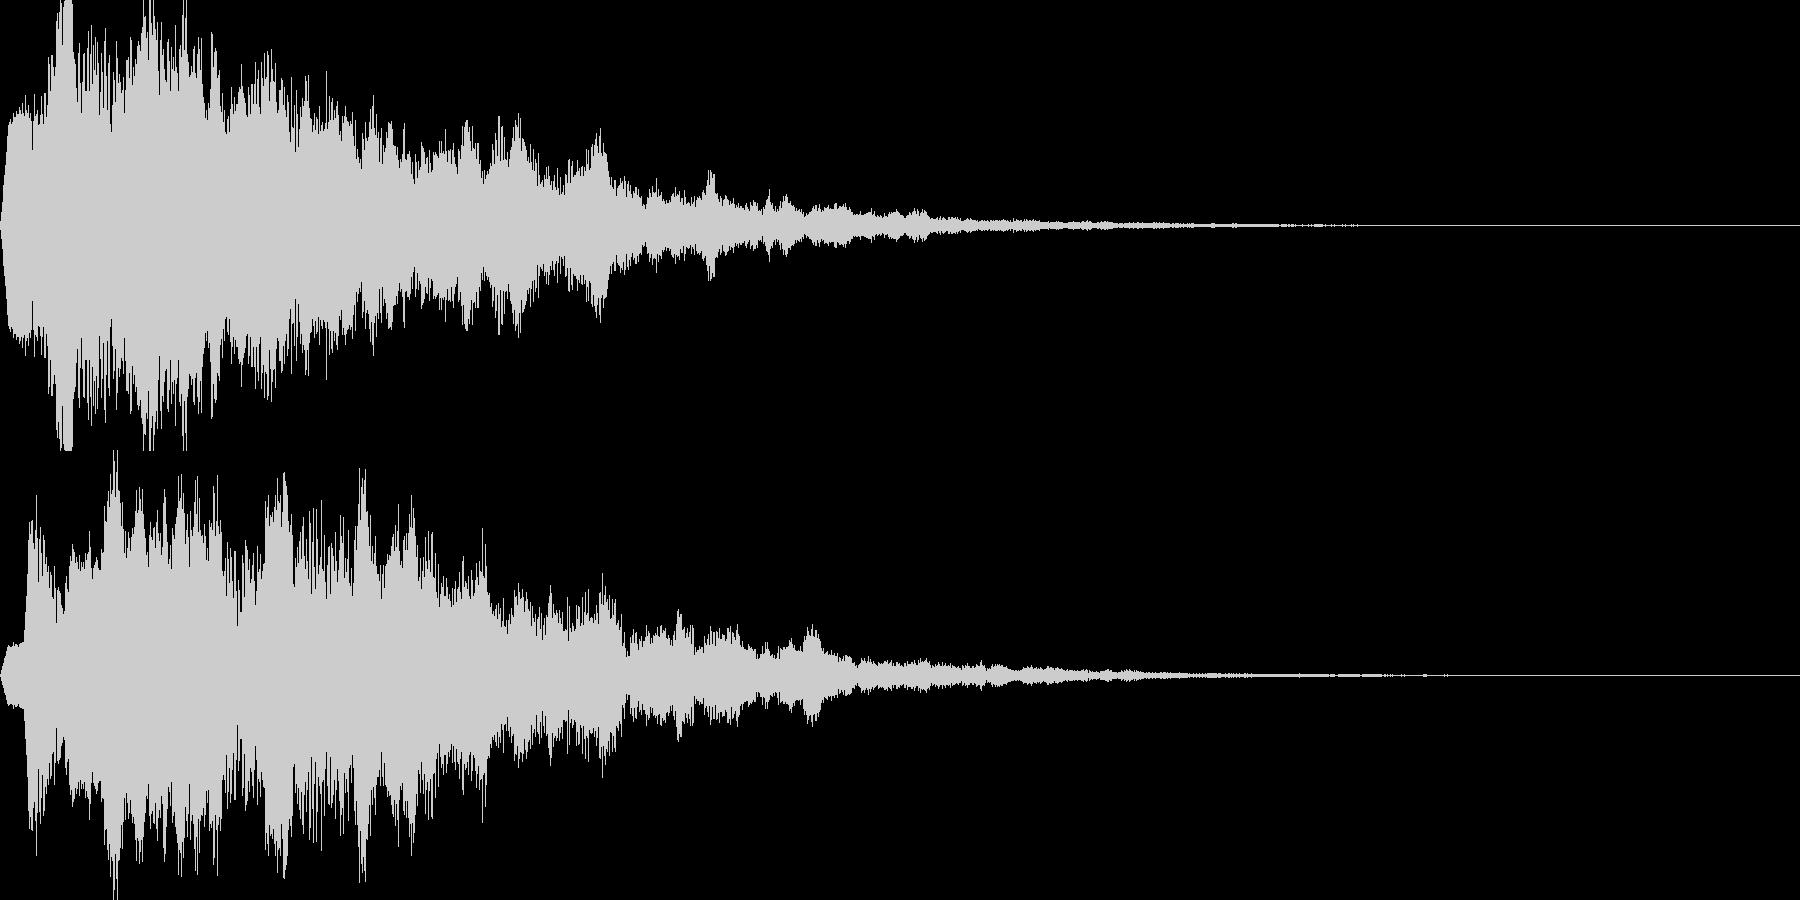 サウンドロゴ17(シンセ系)の未再生の波形